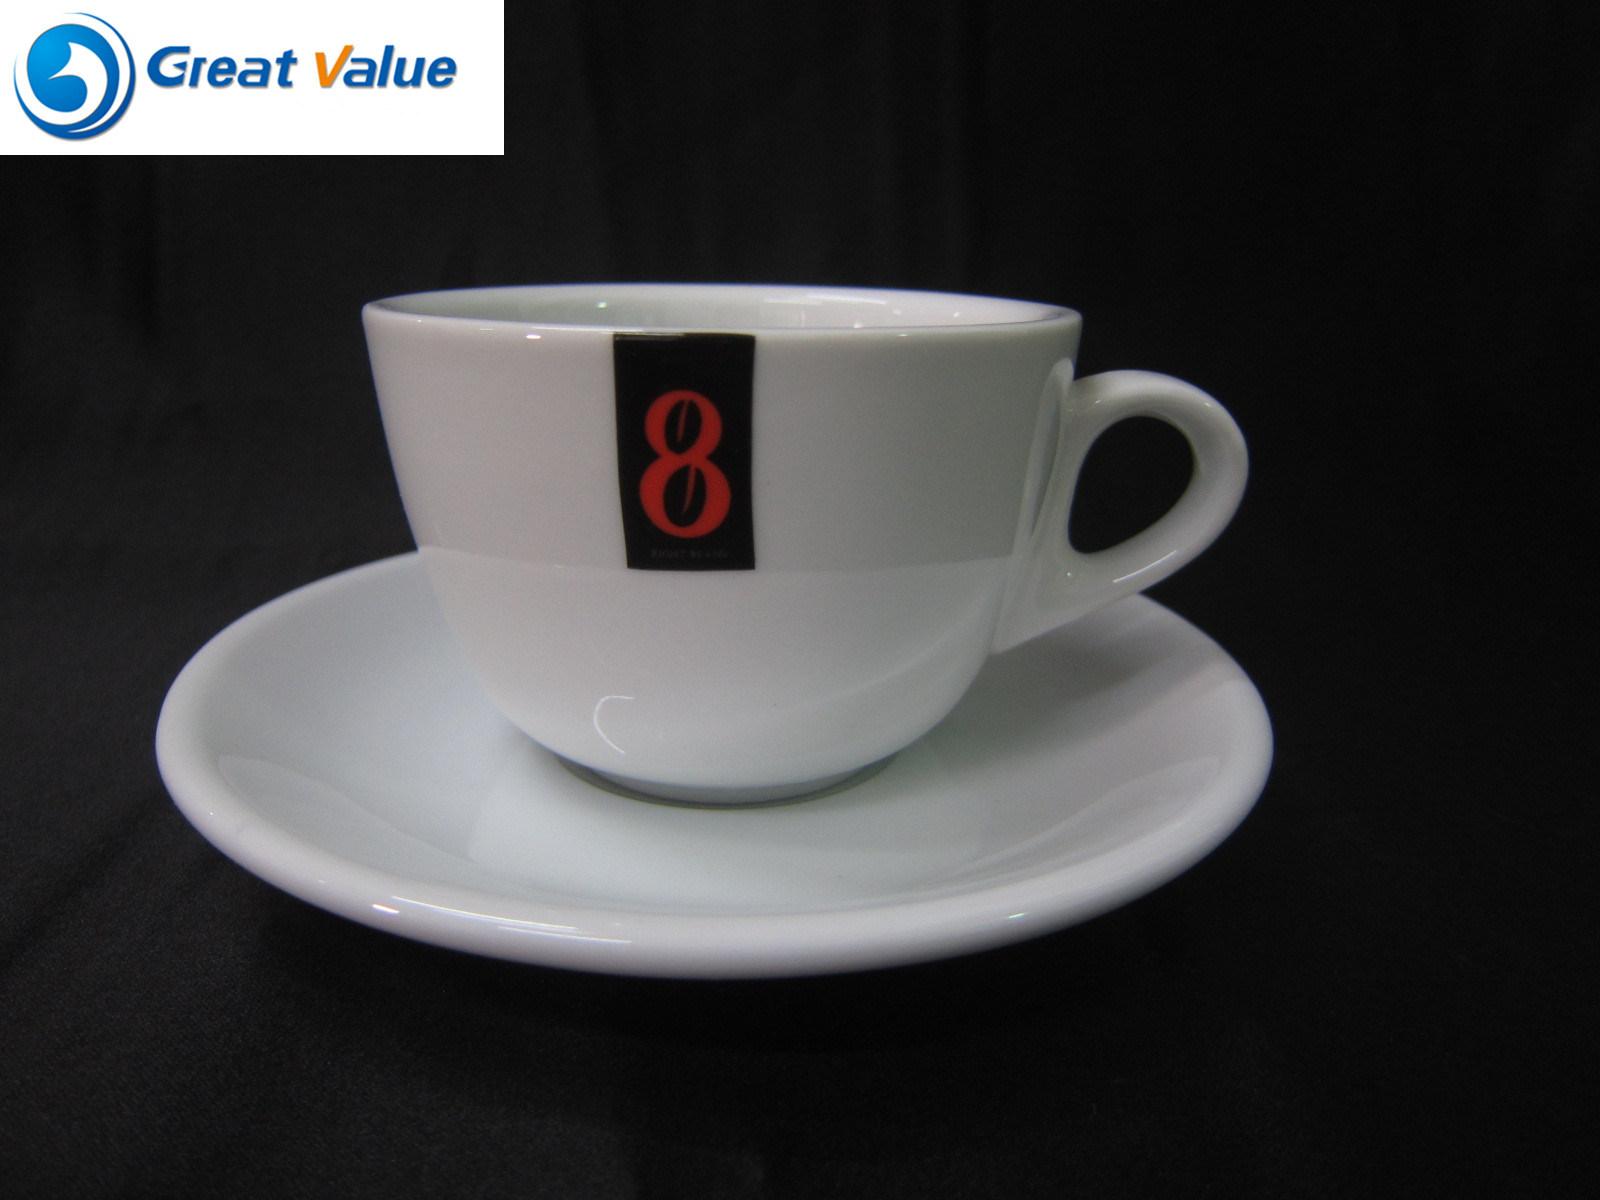 Hotel Quality White Dinner Plates Porcelain for Restaurant White Wholesale